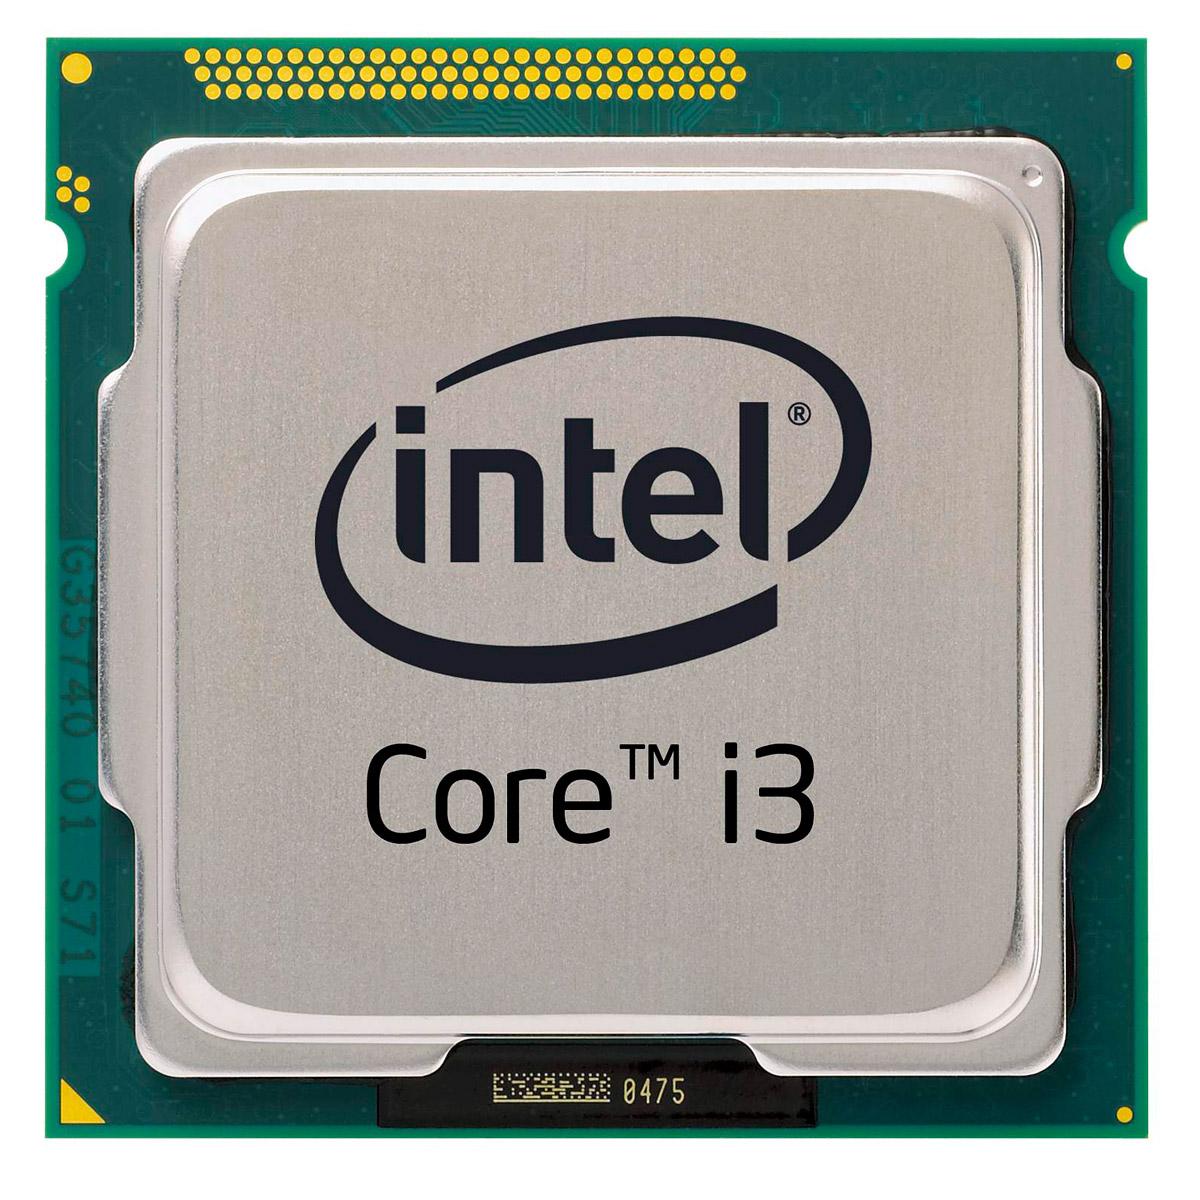 Processeur Intel Core i3-3250 (3.5 GHz) Processeur Dual Core Socket 1155 Cache L3 3 Mo Intel HD Graphics 2500 0.022 micron (version boîte - garantie Intel 3 ans)